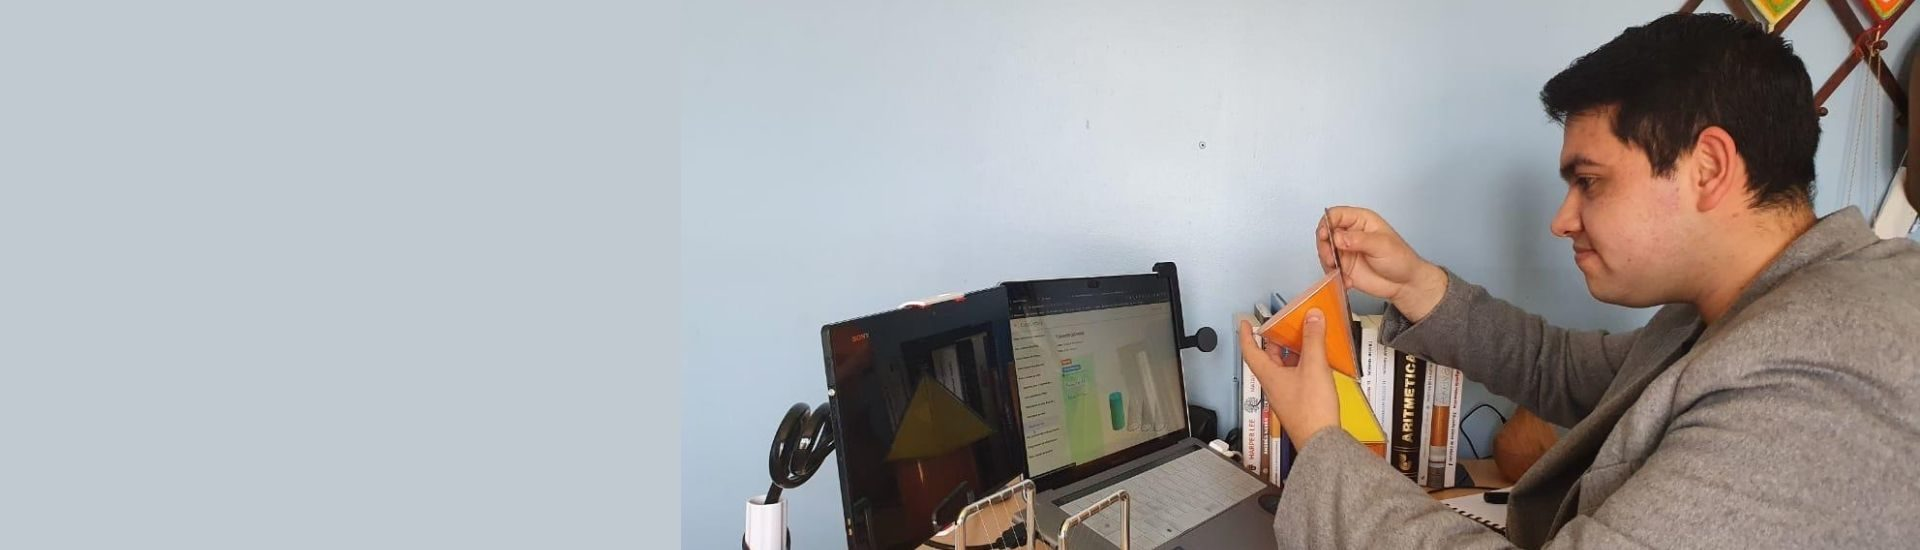 Víctor Gálvez, profesor de matemática, grabándose para subir un video a YouTube